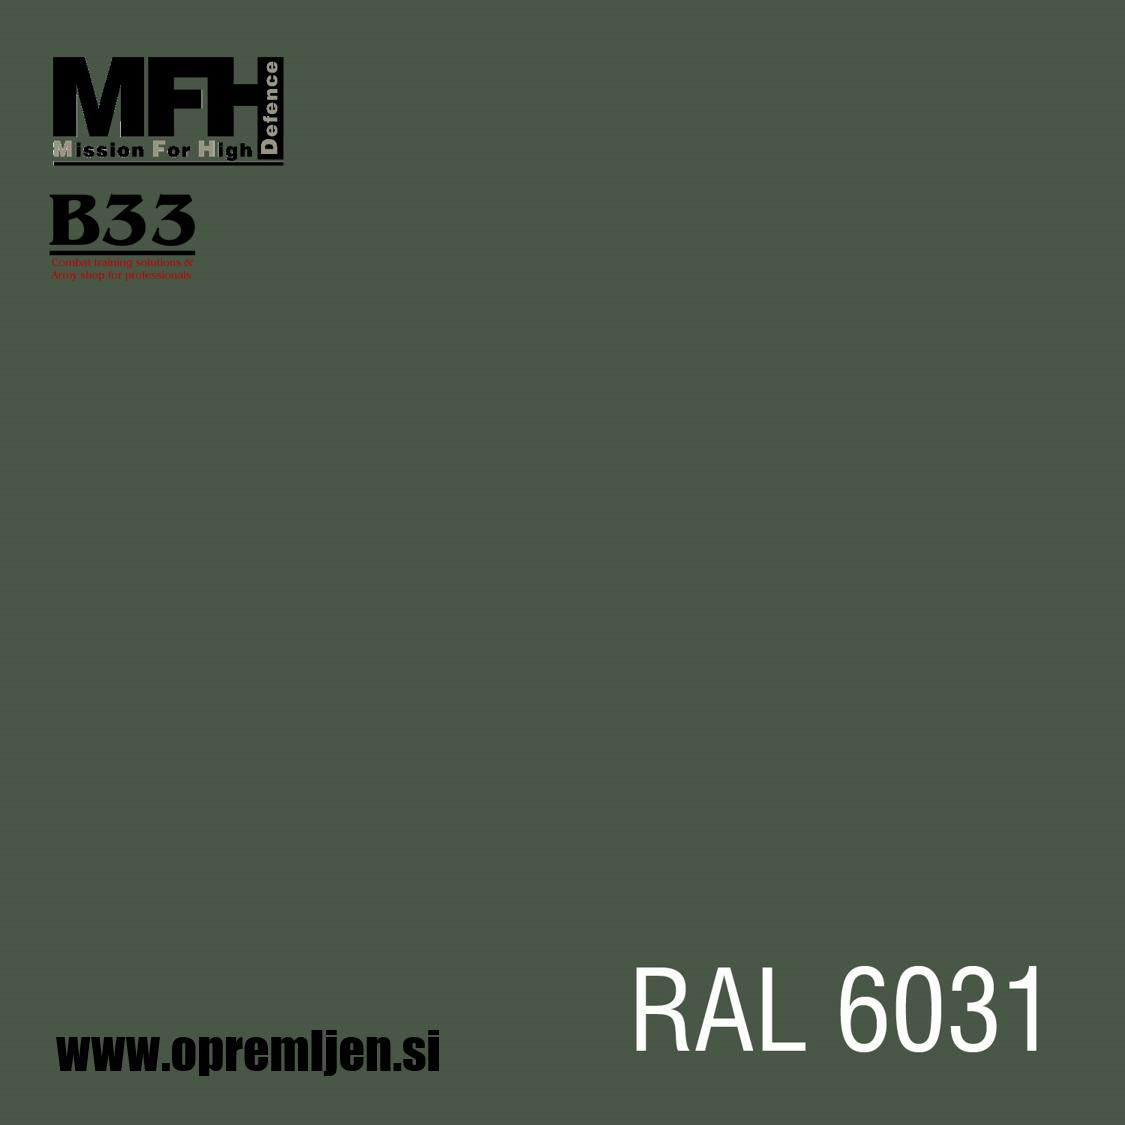 B33 army shop - vojaška barva, vojaški sprej, MFH, Max Fuchs, by B33 army shop at www.opremljen.si, vojaška trgovina, trgovina z vojaško opremo